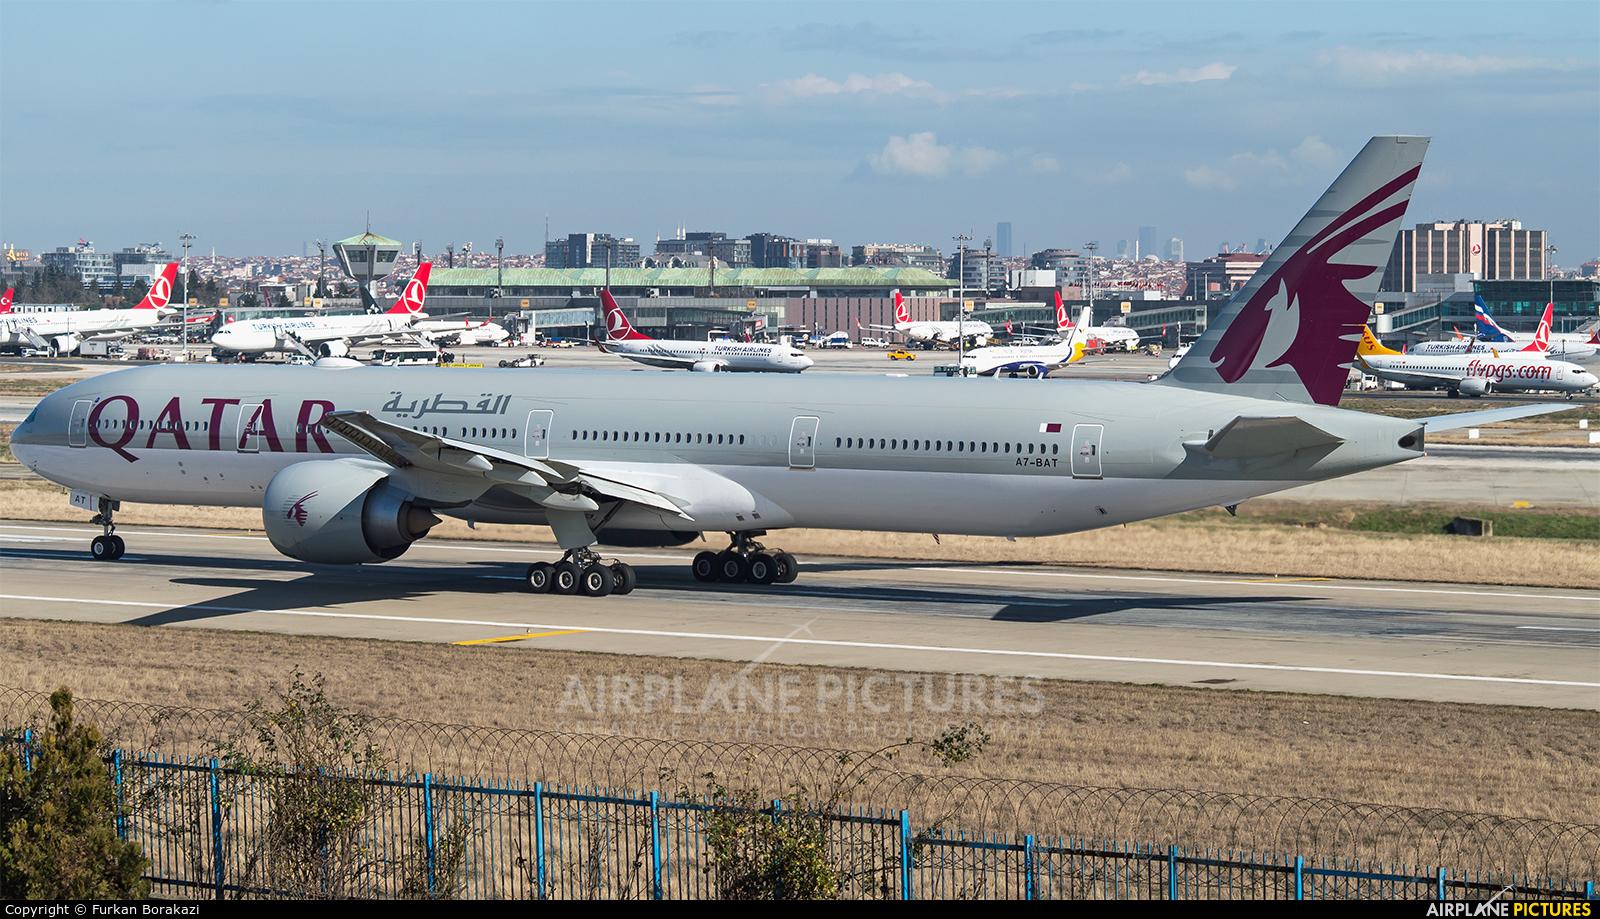 Qatar Airways A7-BAT aircraft at Istanbul - Ataturk